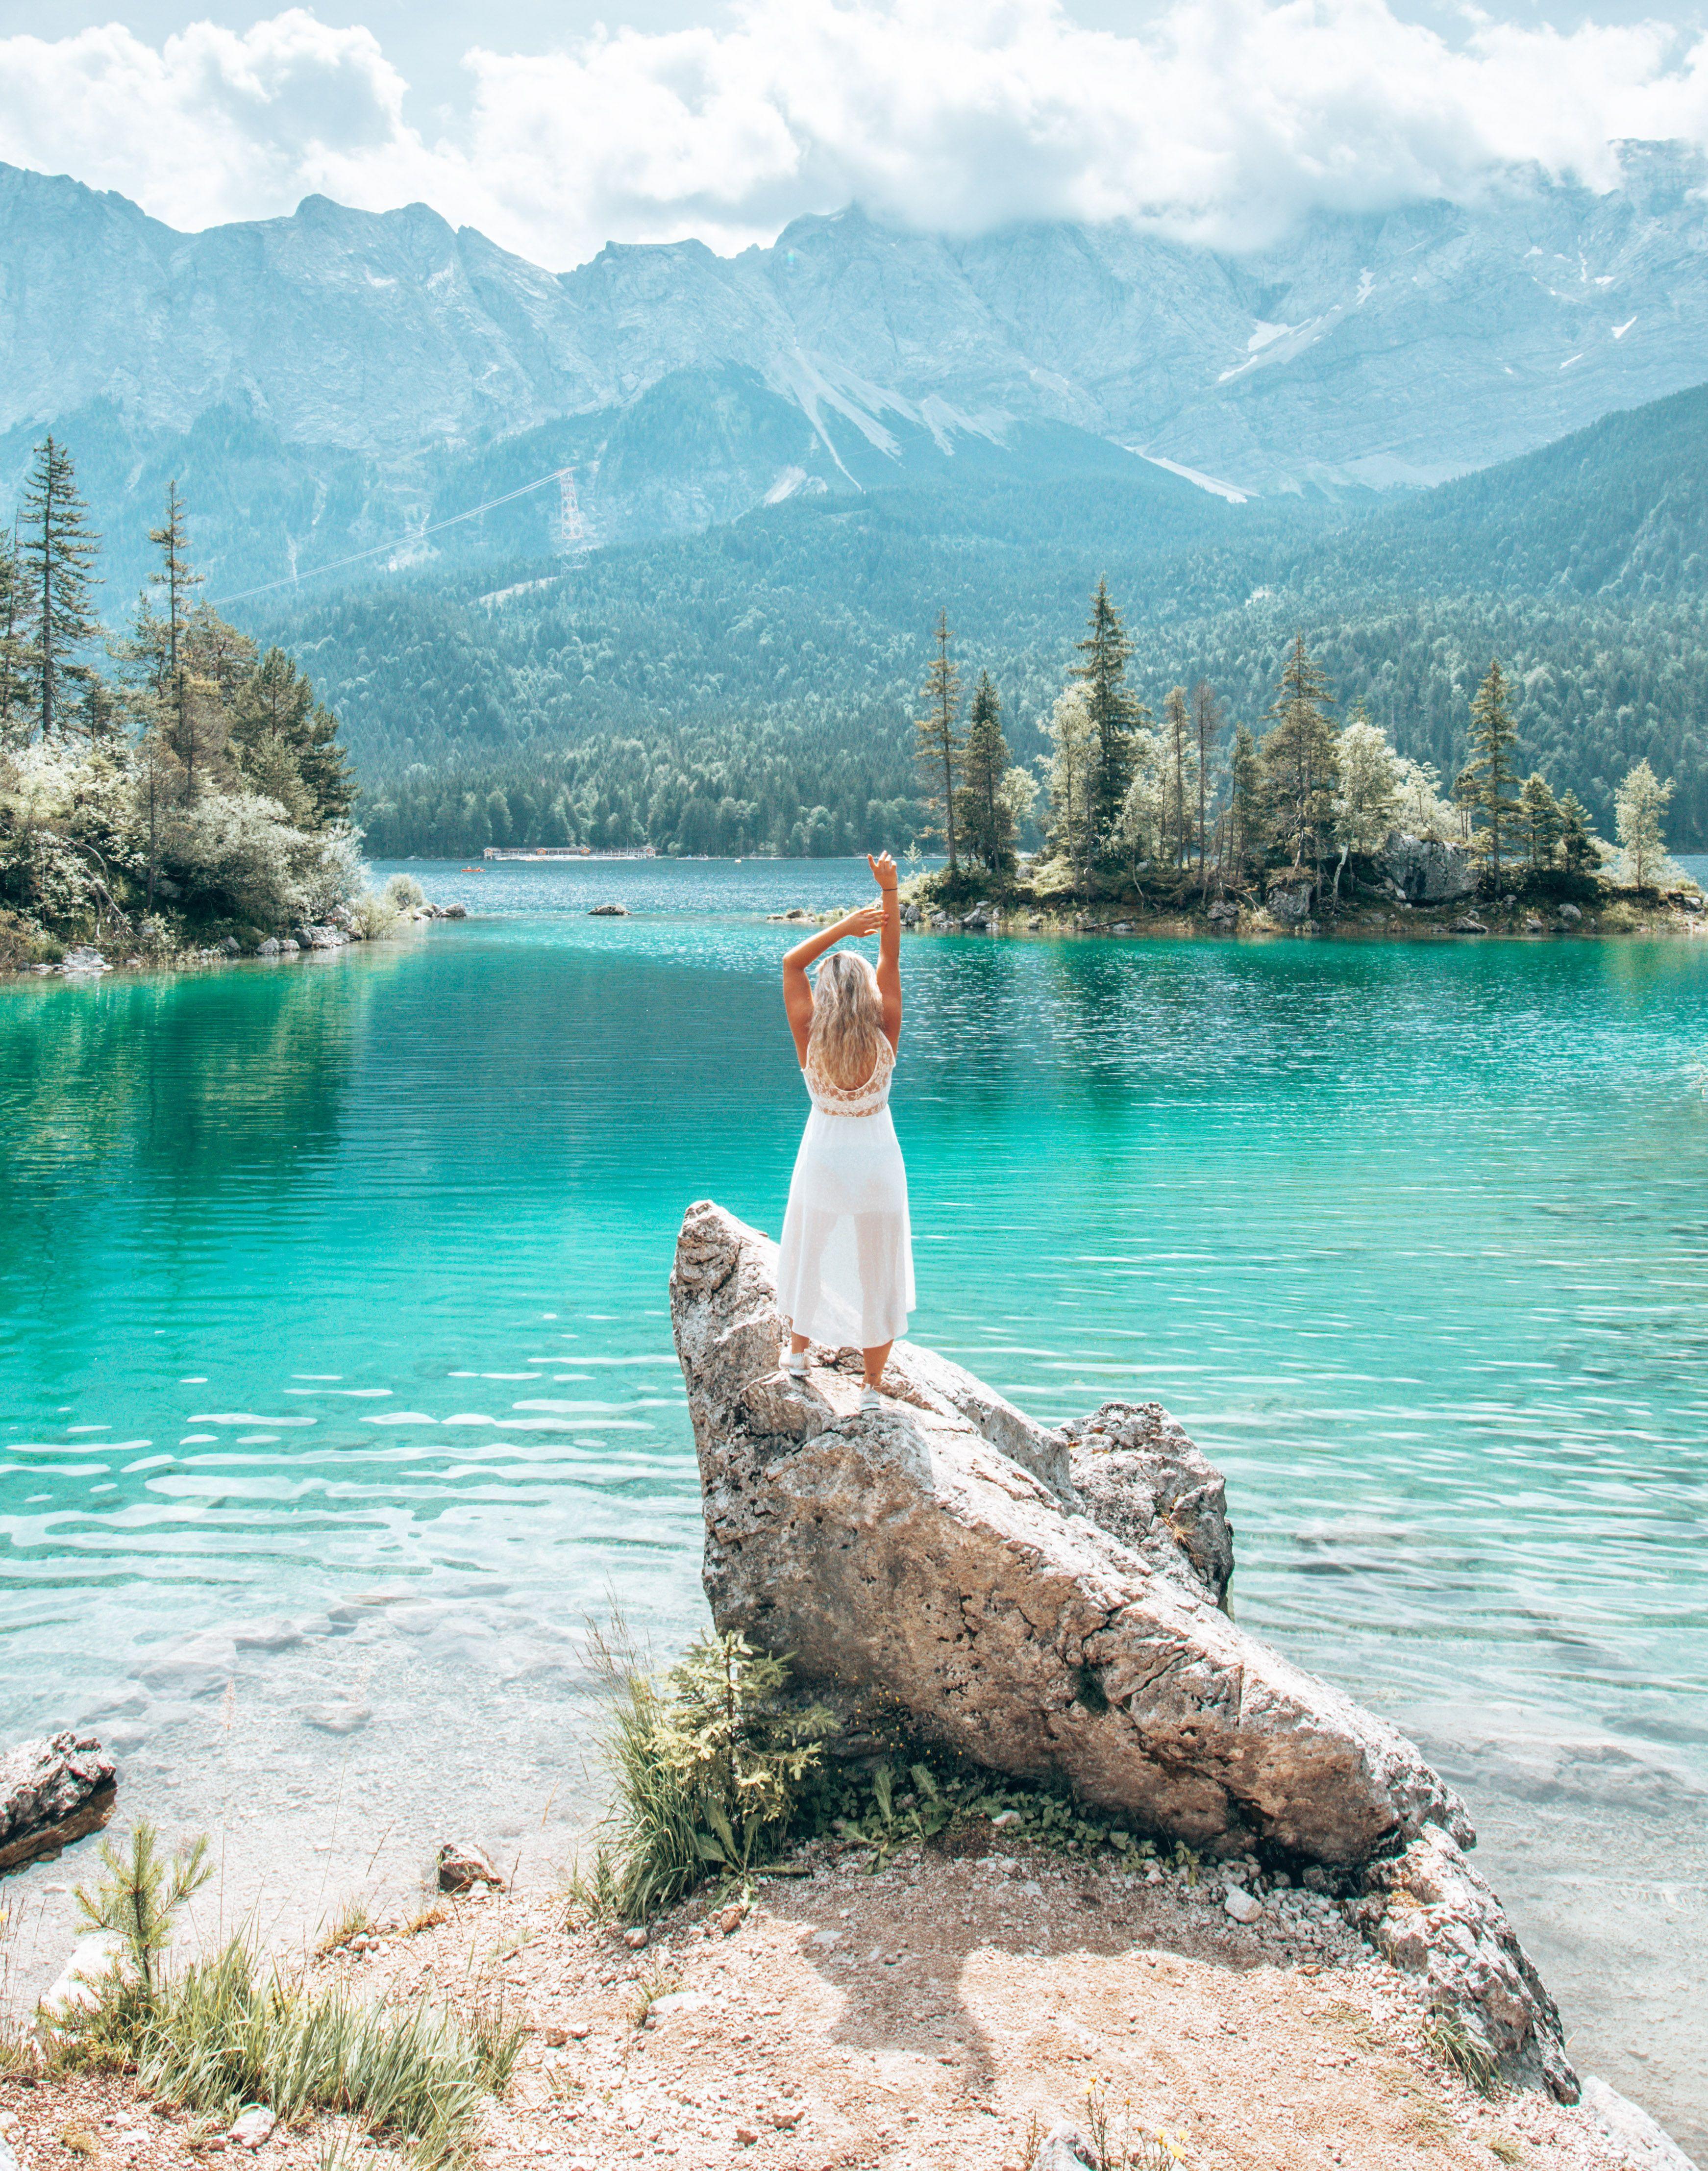 Der Perfekte Tag Am Eibsee Ferien Deutschland Reiseziele Alpen Urlaub